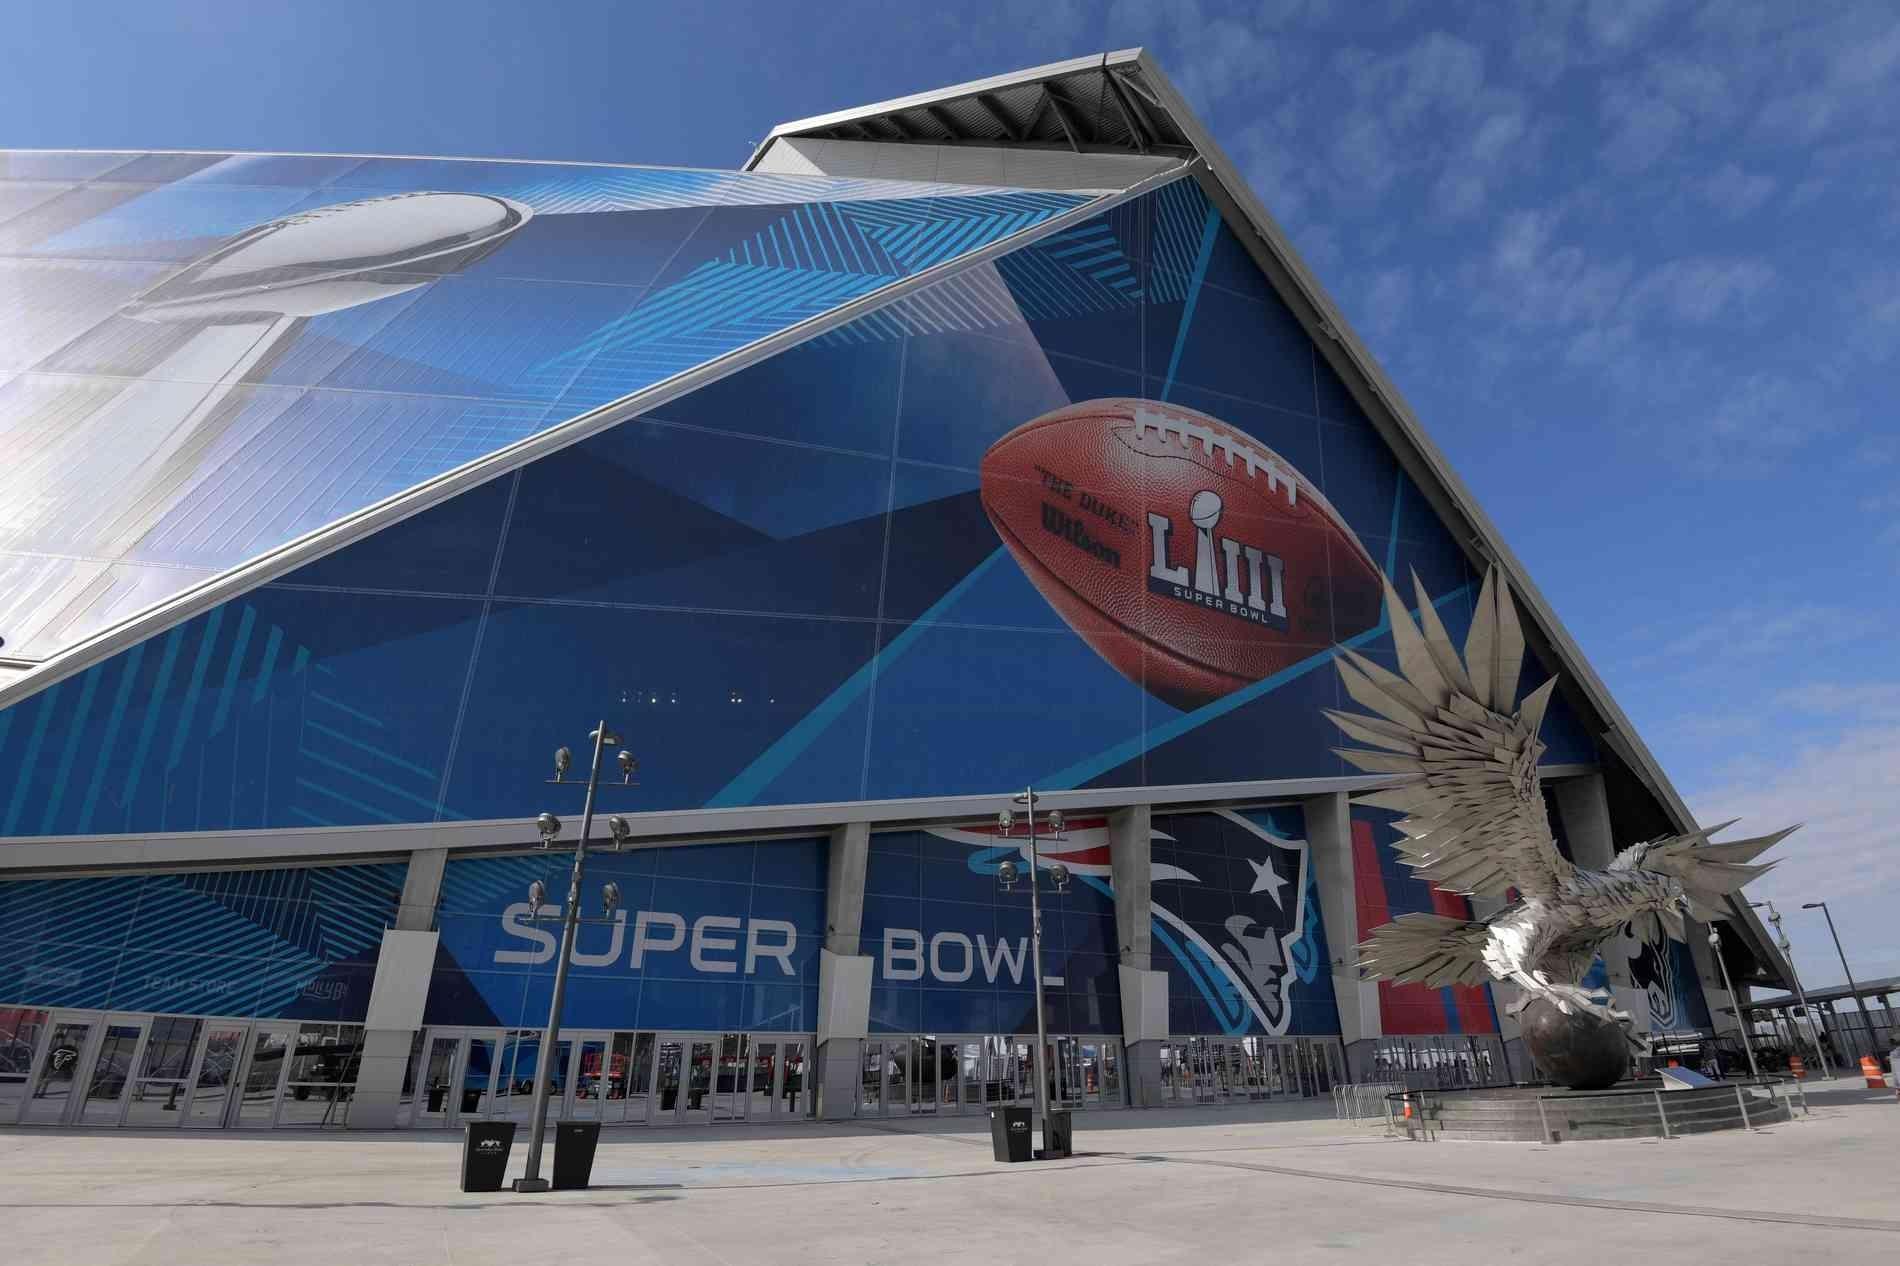 Super Bowl 2019 In Atlanta: Diese Werbespots Laufen Bei Der pertaining to Super Bowl 2019 City